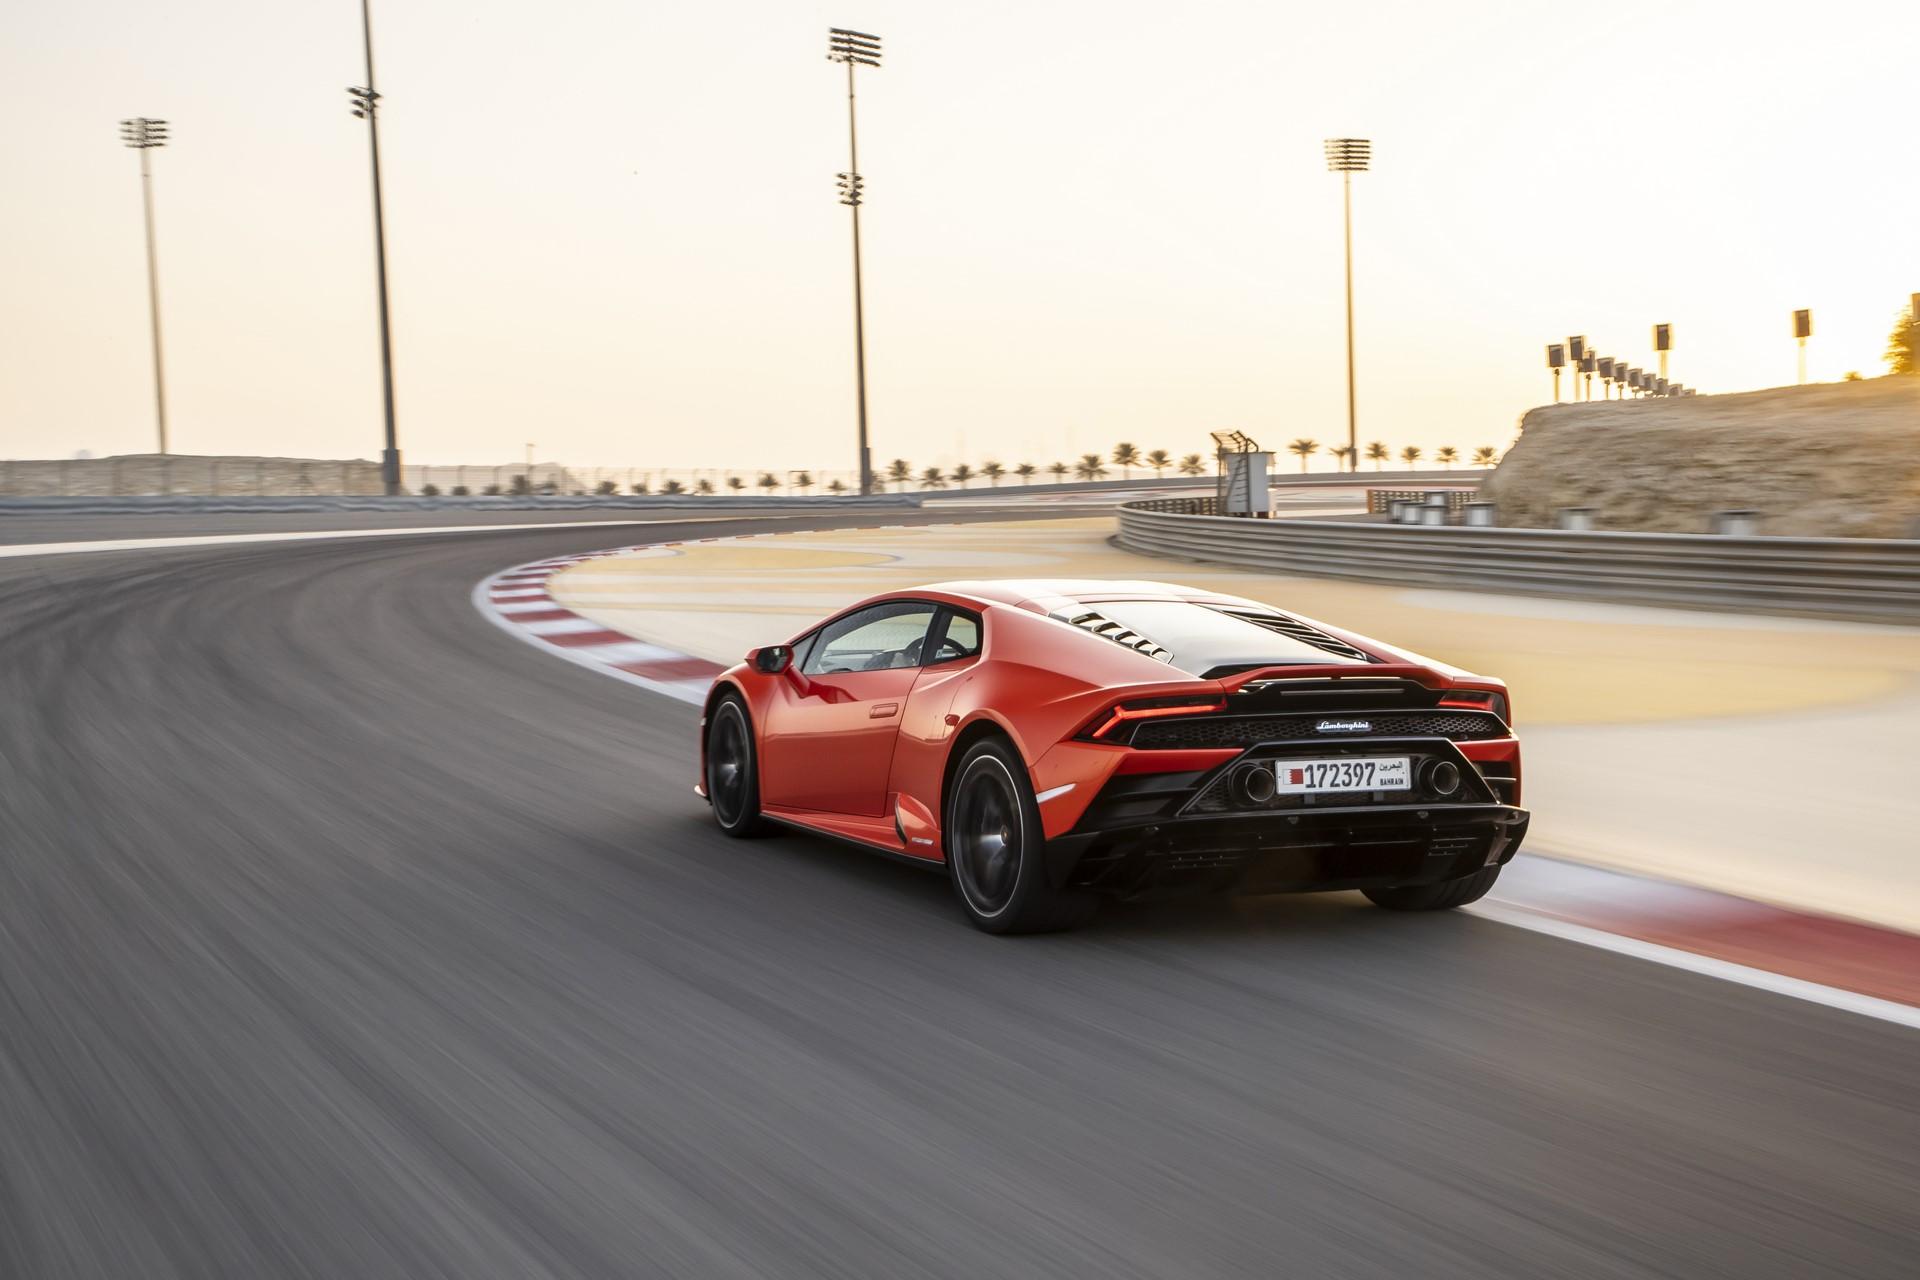 Lamborghini Huracan Evo 2019 (51)